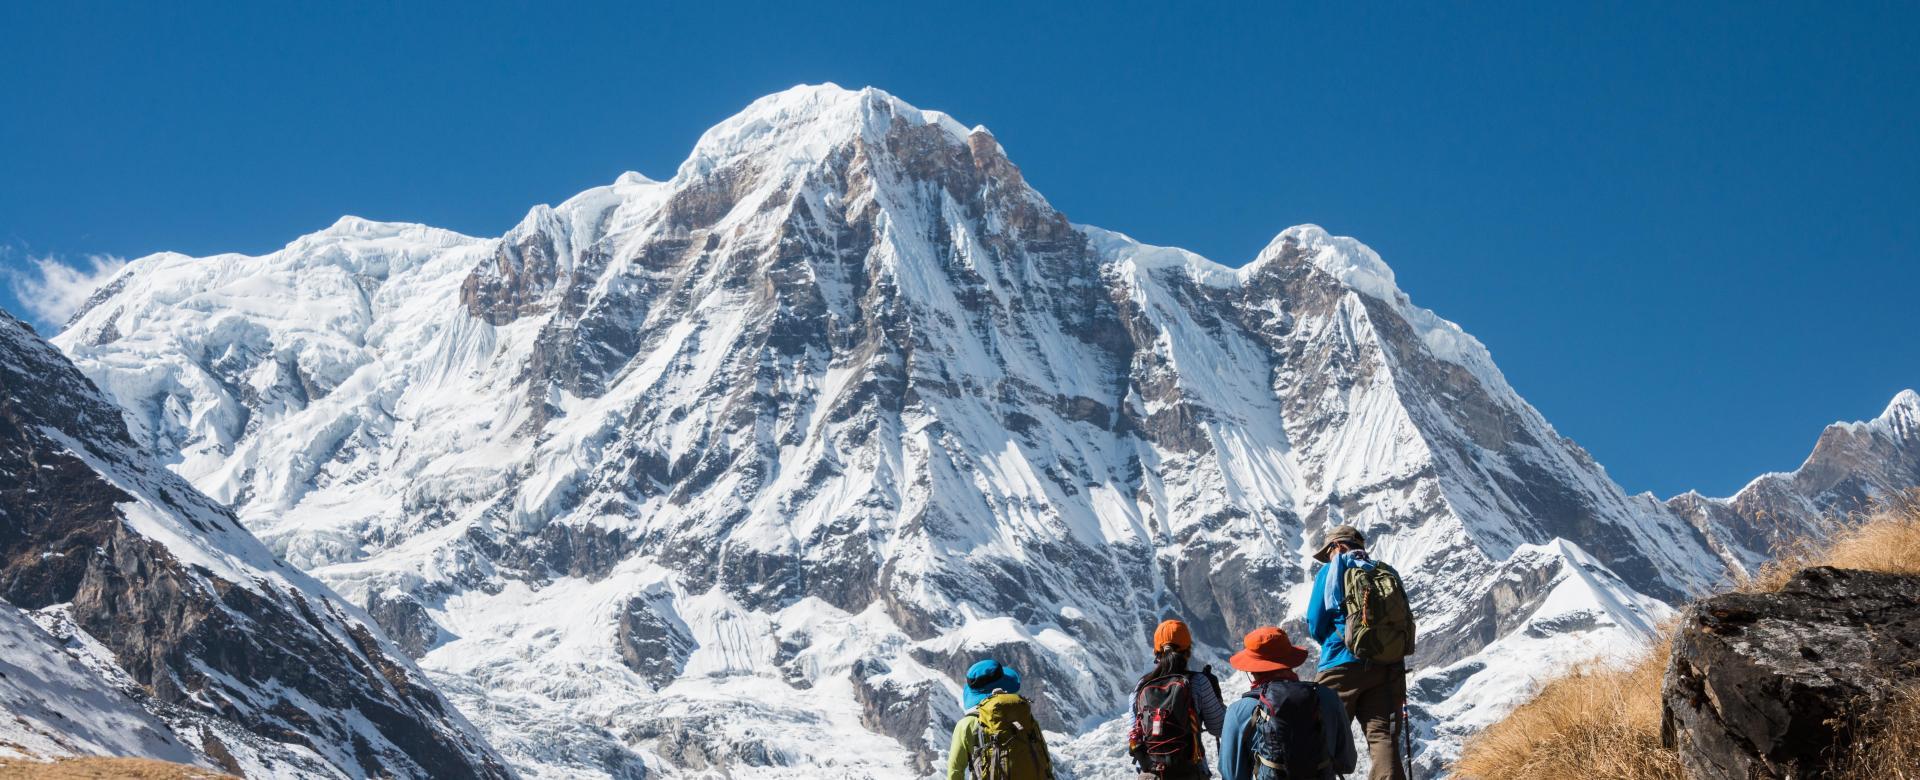 Voyage à pied Nepal : La haute route des annapurnas